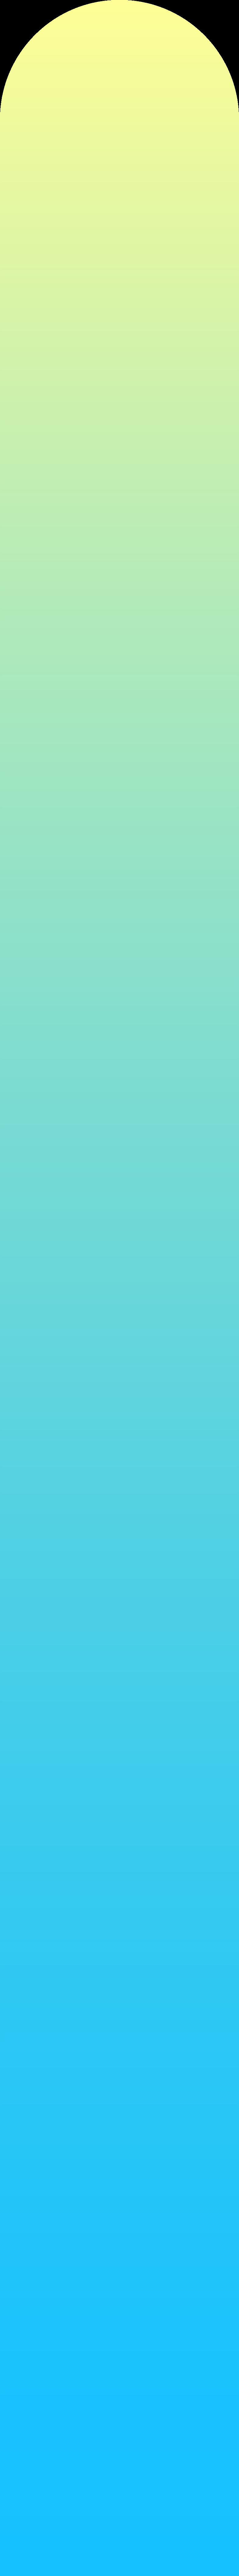 Vektorgrafik im  Stil s neue grdnt load-line als PNG und SVG | Icons8 Grafiken